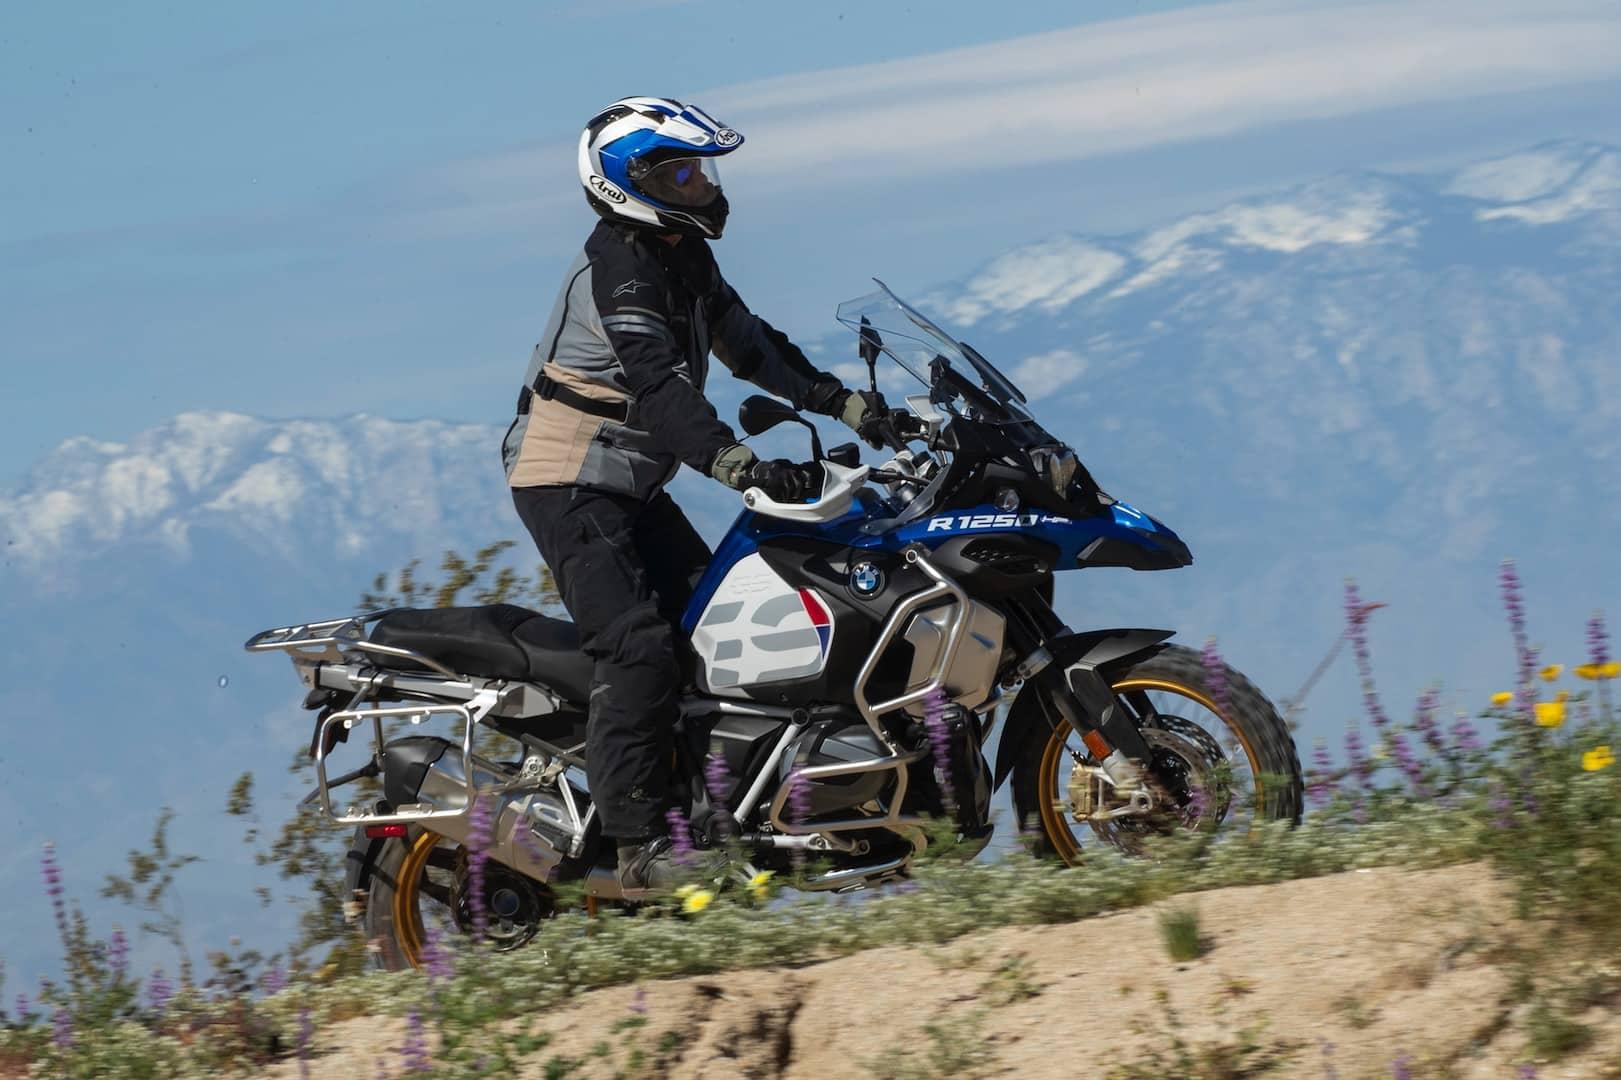 2019 BMW R 1250 GS Adventure review ADV motorcycle 4 Una mirada más cercana a la BMW R 1250 GS 2019